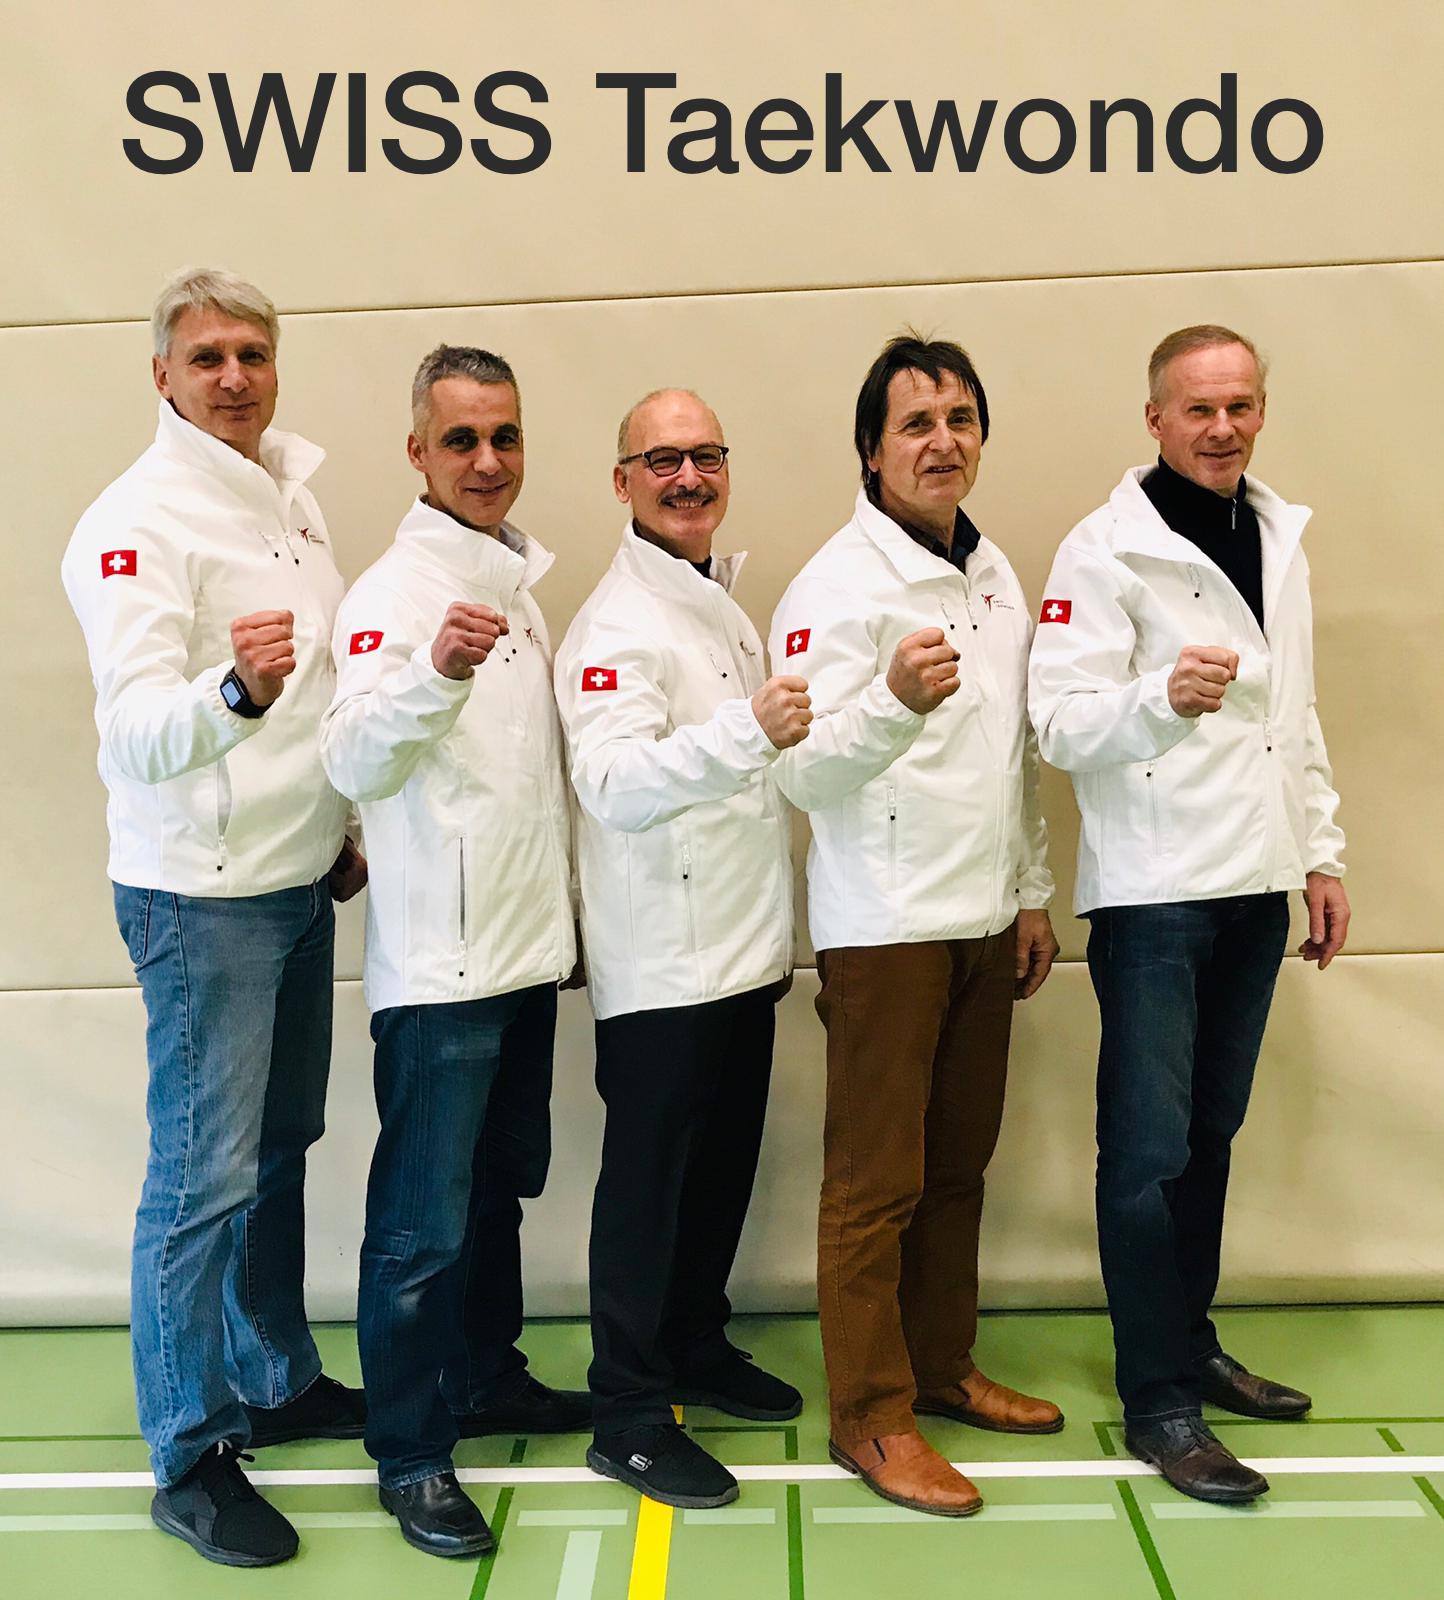 Swiss Taekwondo DAN Test II 2018